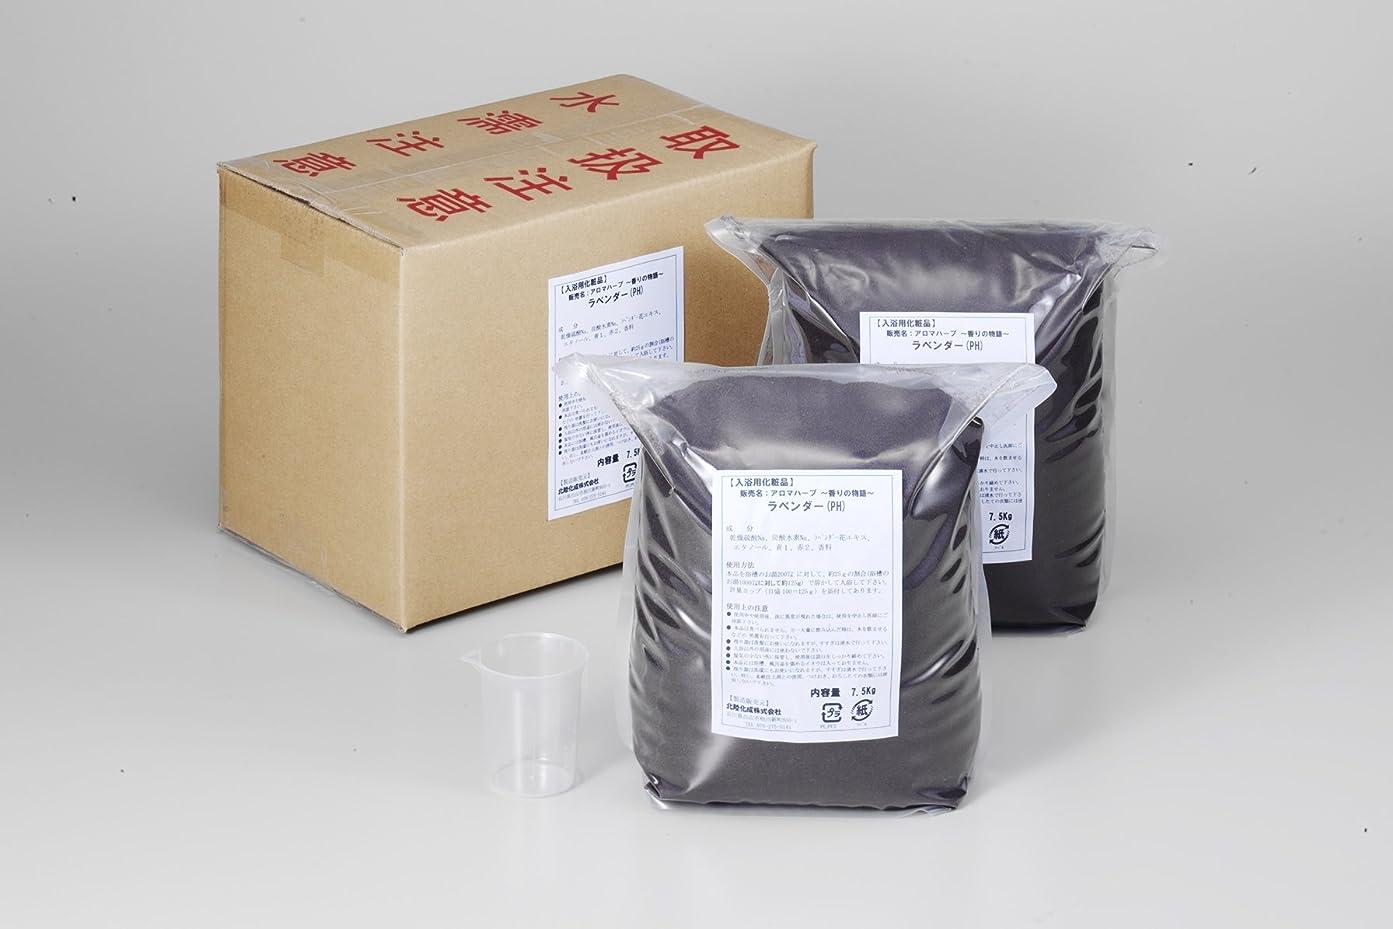 期待する非常にトリクル業務用入浴剤「ラベンダー」15kg(7.5kg×2)